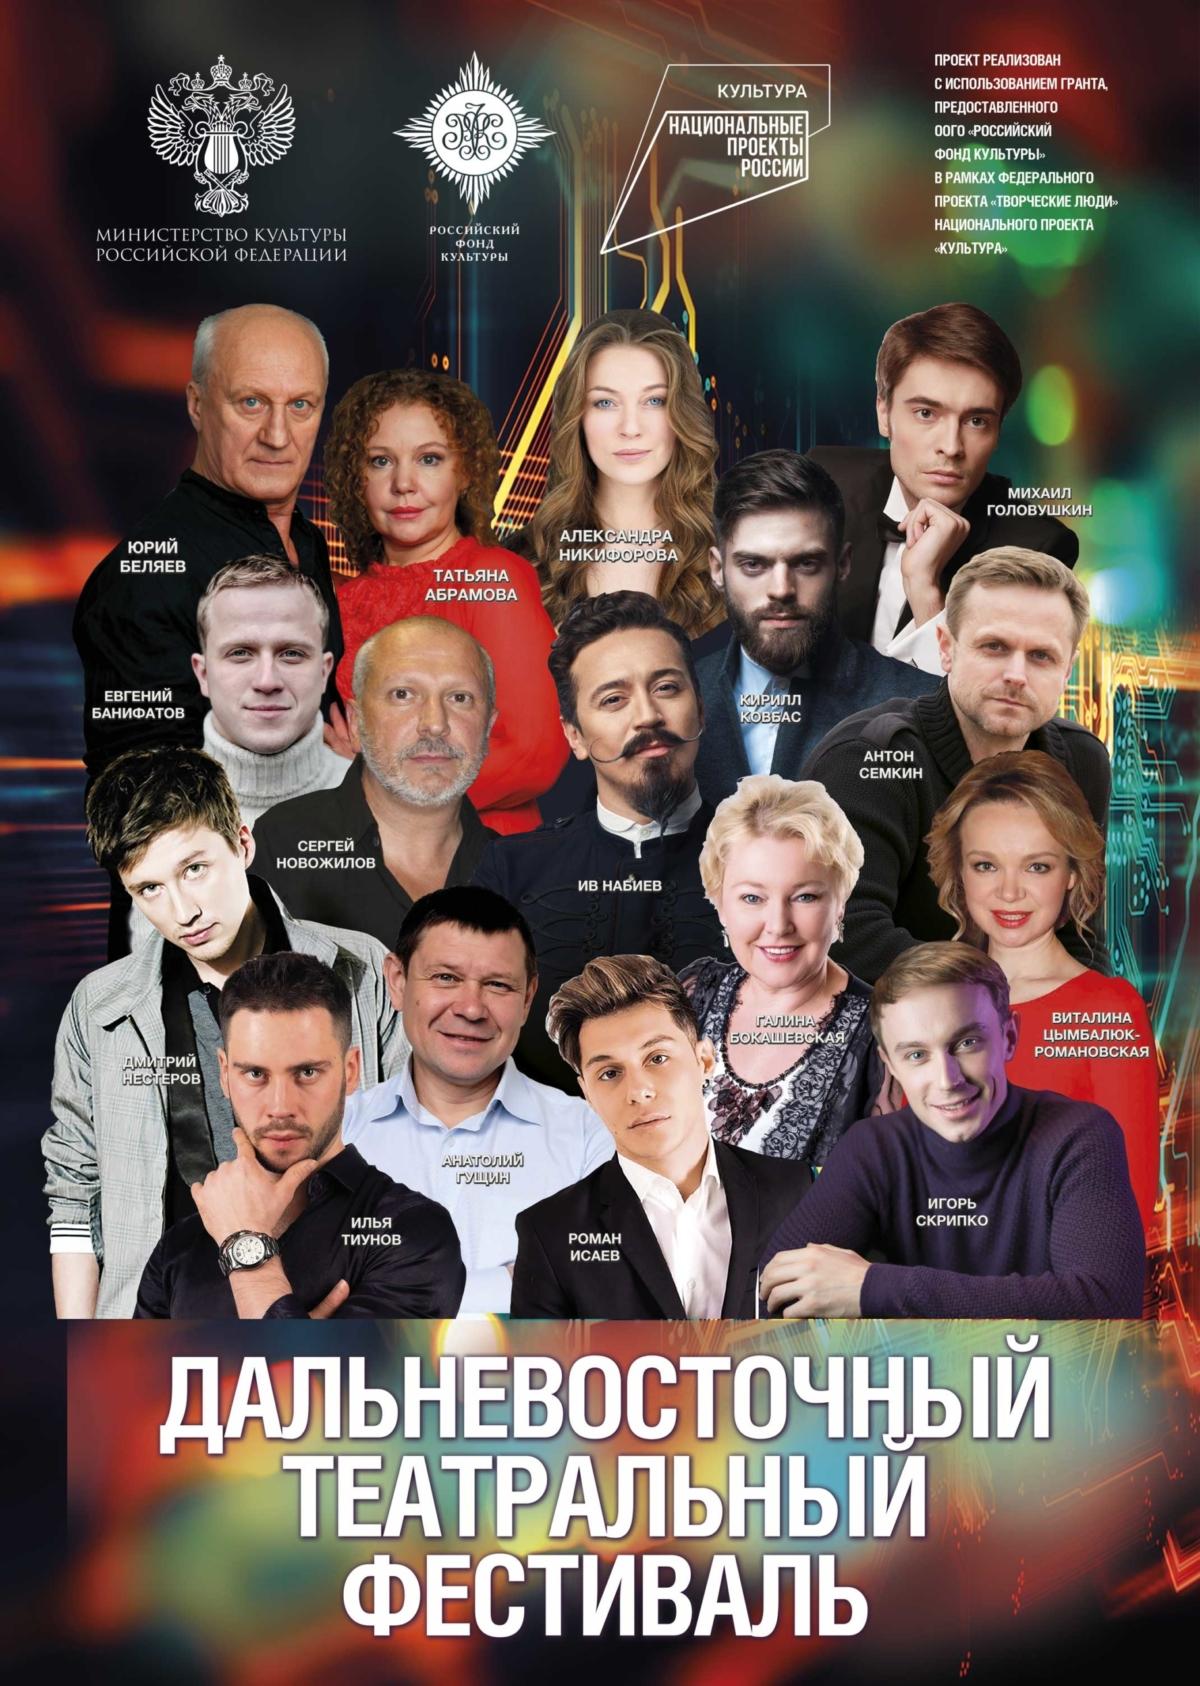 Дальневосточный театральный фестиваль